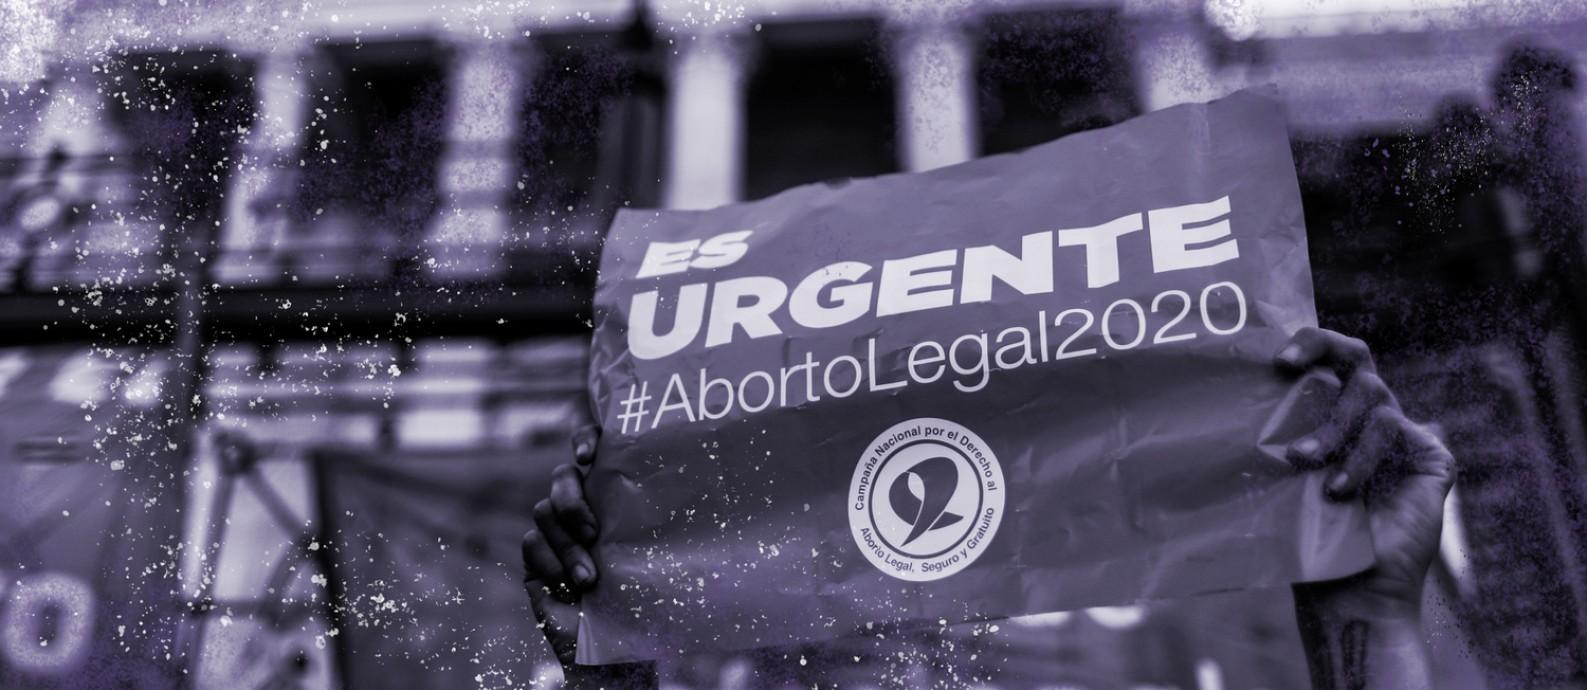 """Uma ativista segura uma placa que diz """"É urgente #AbortoLegal2020"""" durante uma manifestação a favor da legalização do aborto, em frente ao Congresso Nacional, em Buenos Aires, Argentina, no dia 18 de novembro de 2020 Foto: Agustin Marcarian / Reuters"""